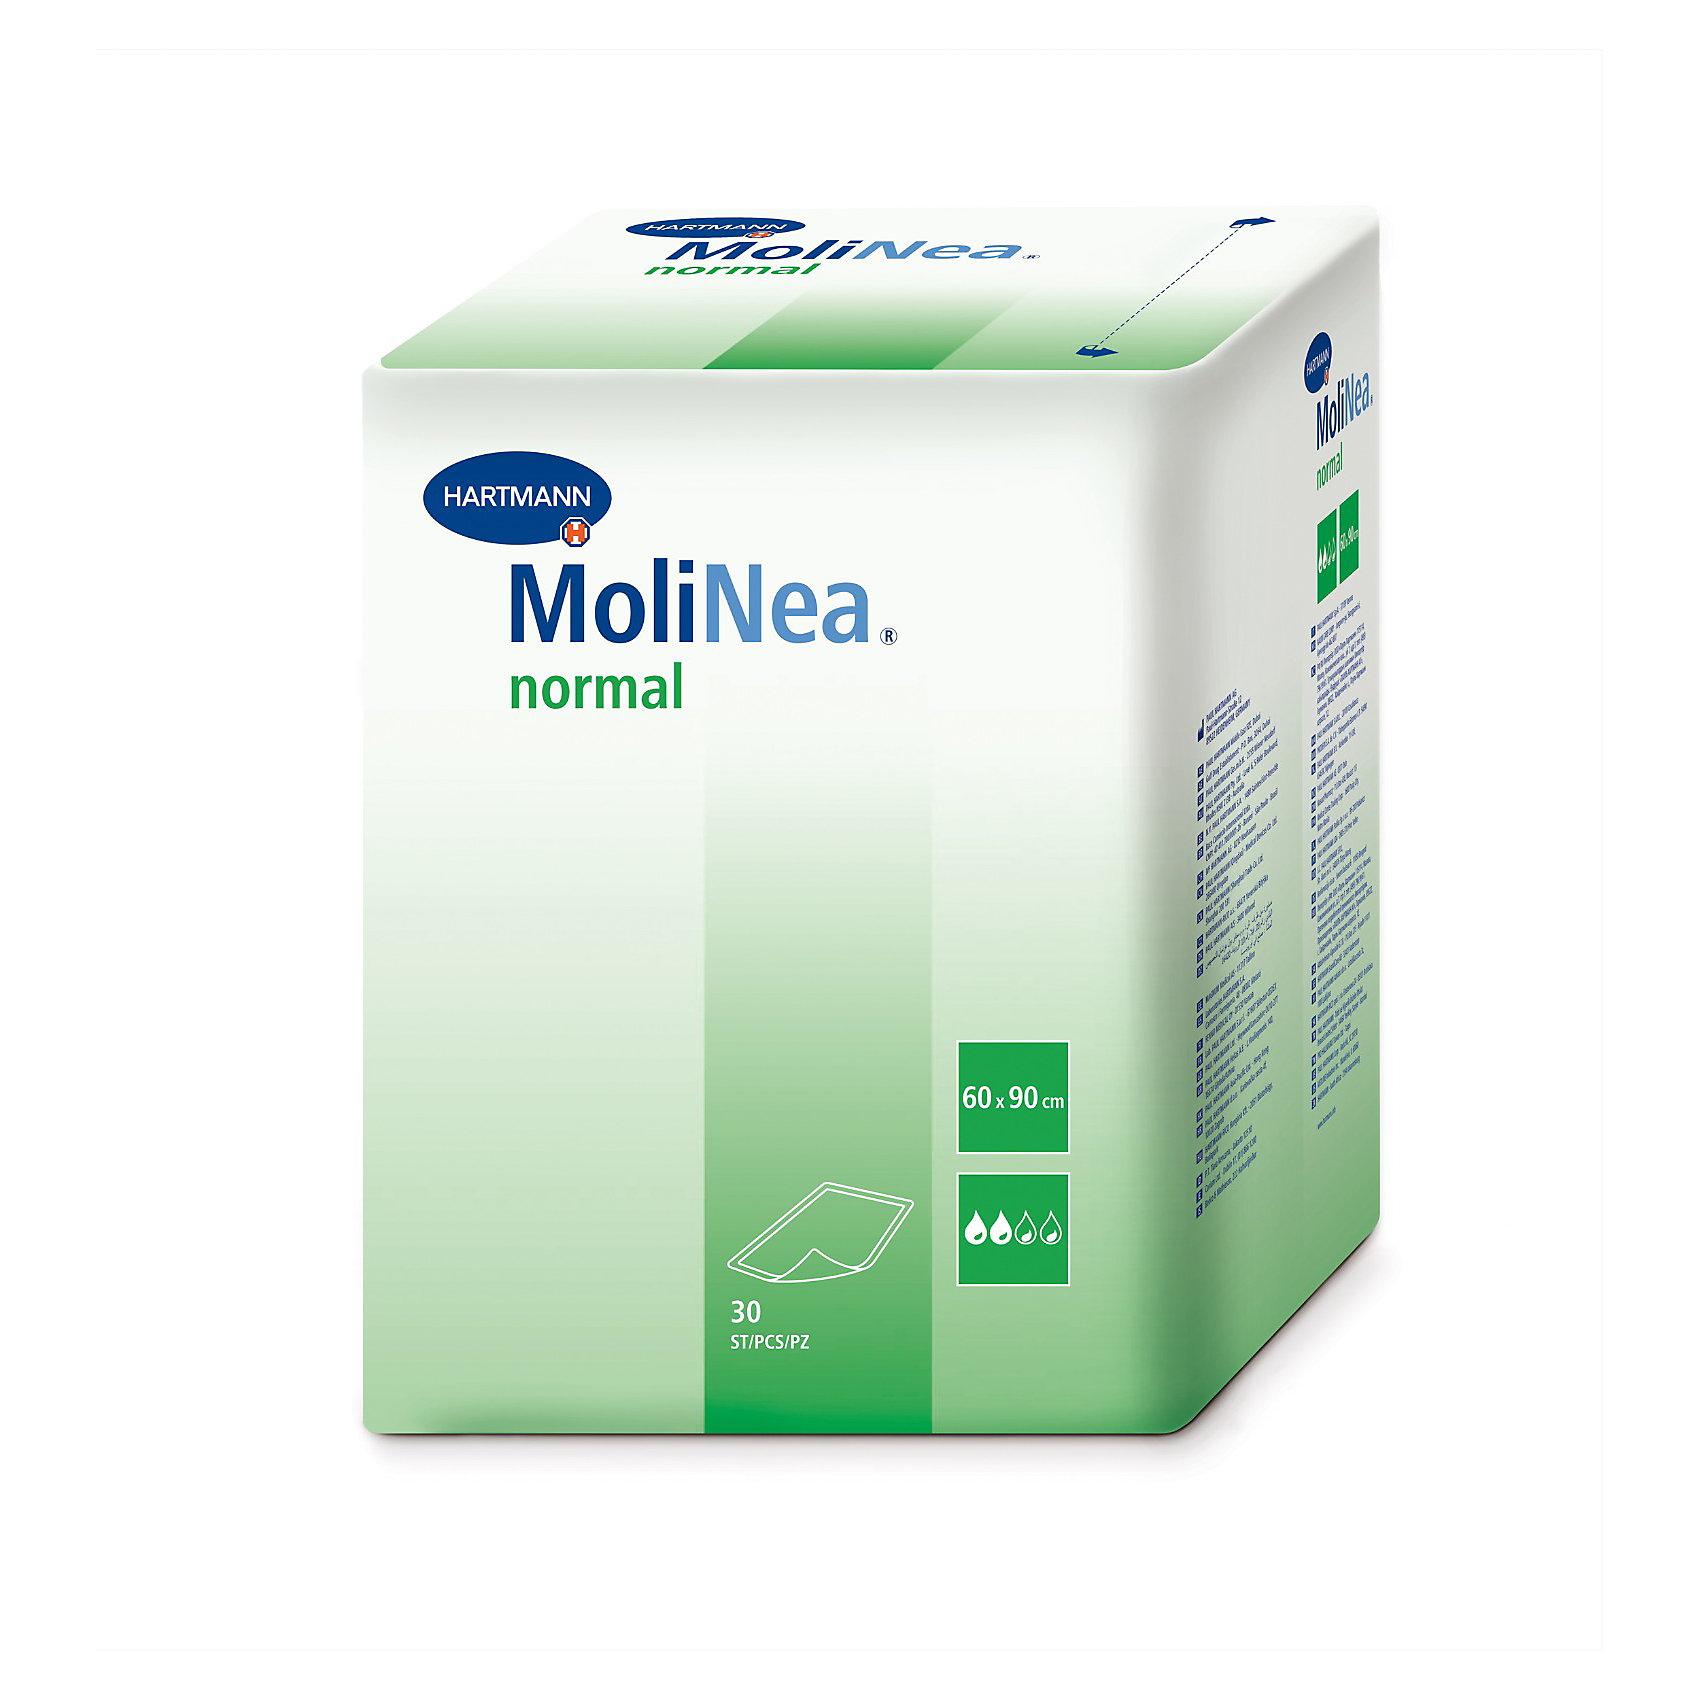 Детские впитывающие пеленки MoliNea Normal, 60х90 см., 30 штОдноразовые пеленки<br>Детские впитывающие пеленки MoliNea Normal, 60х90 см. используются для дополнительной защиты постельного белья и других поверхностей, при проведении гигиенических и диагностических процедур, ежедневного ухода за ребенком. Обеспечивают максимальную степень впитываемости.<br>Использование экологически чистых и высококачественных материалов позволяет применять одноразовые впитывающие пеленки MoliNea Normal не только в домашних условиях, но и в лечебных учреждениях для проведения гигиенических и диагностических процедур. Края пеленок, завернутые внутрь, предотвращают протекание. Одноразовые впитывающие пеленки MoliNea Normal совершенно безопасны для здоровья и прошли дерматологический контроль. Нижняя сторона является полностью влагонепроницаемой.<br>Уникальная впитываемость и гигиеничность!<br><br>Дополнительная информация:<br><br>- гипоаллергенный;<br>- эффективно впитывают влагу, оставляя кожу малыша сухой и здоровой;<br>- состоят из  четырех эффективных слоев, обеспечивающих защиту от протекания;<br>- удобны в использовании: не скользят;<br>- могут использоваться в медицинских учреждениях;<br>- структура поверхности гарантирует равномерное впитывание;<br>- мягкий гипоаллергенный нетканый материал не повредит нежную кожу ребенка;<br>-большая пачка позволит существенно сэкономить семейный бюджет;<br>- стандартный размер подойдет, как для детских стульчиков, кроваток, так и для массажа и воздушных ванн;<br>- впитываемость: 980 мл;<br>- состав: целлюлоза, нетканый материал, нетоксичный полиэтилен.<br>- Размер: 60 х 90 см<br>- В упаковке 30 шт.<br><br>Позвольте себе полный комфорт! <br>Детские впитывающие пеленки MoliNea Normal 60х90 см., 30 шт можно купить в нашем интернет - магазине.<br><br>Ширина мм: 251<br>Глубина мм: 195<br>Высота мм: 330<br>Вес г: 1700<br>Возраст от месяцев: -2147483648<br>Возраст до месяцев: 2147483647<br>Пол: Унисекс<br>Возраст: Детский<br>SKU: 3517525